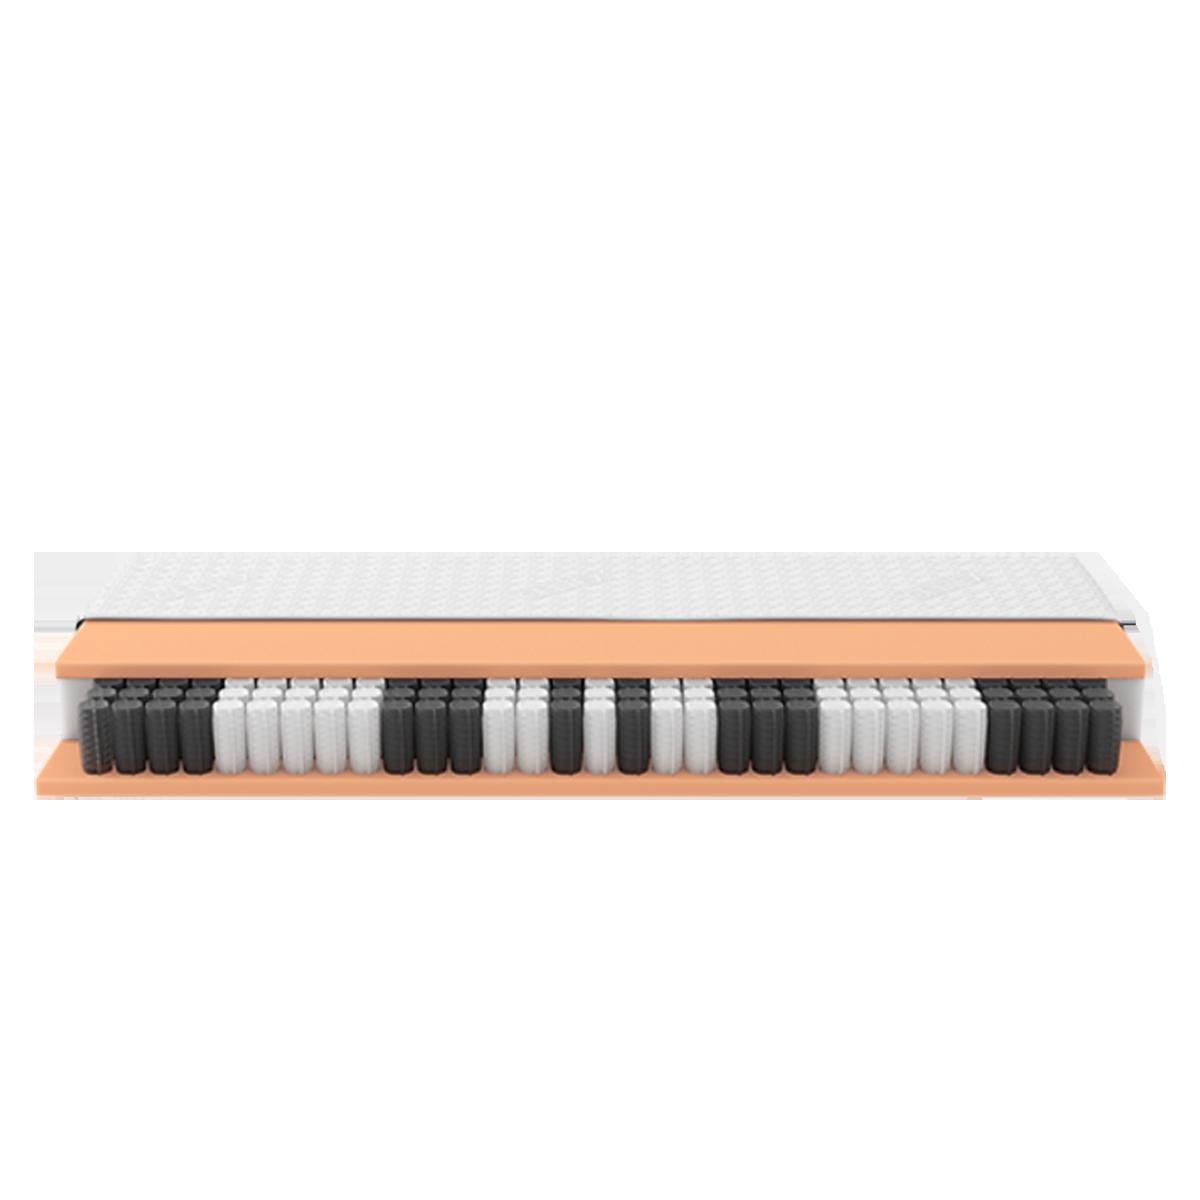 0299066327d036 kostenlose Lieferung ins deutsche Festland Schlaraffia Orange Z55 TFK  Geltex® inside Matratze in verschiedenen Größen und Härtegraden